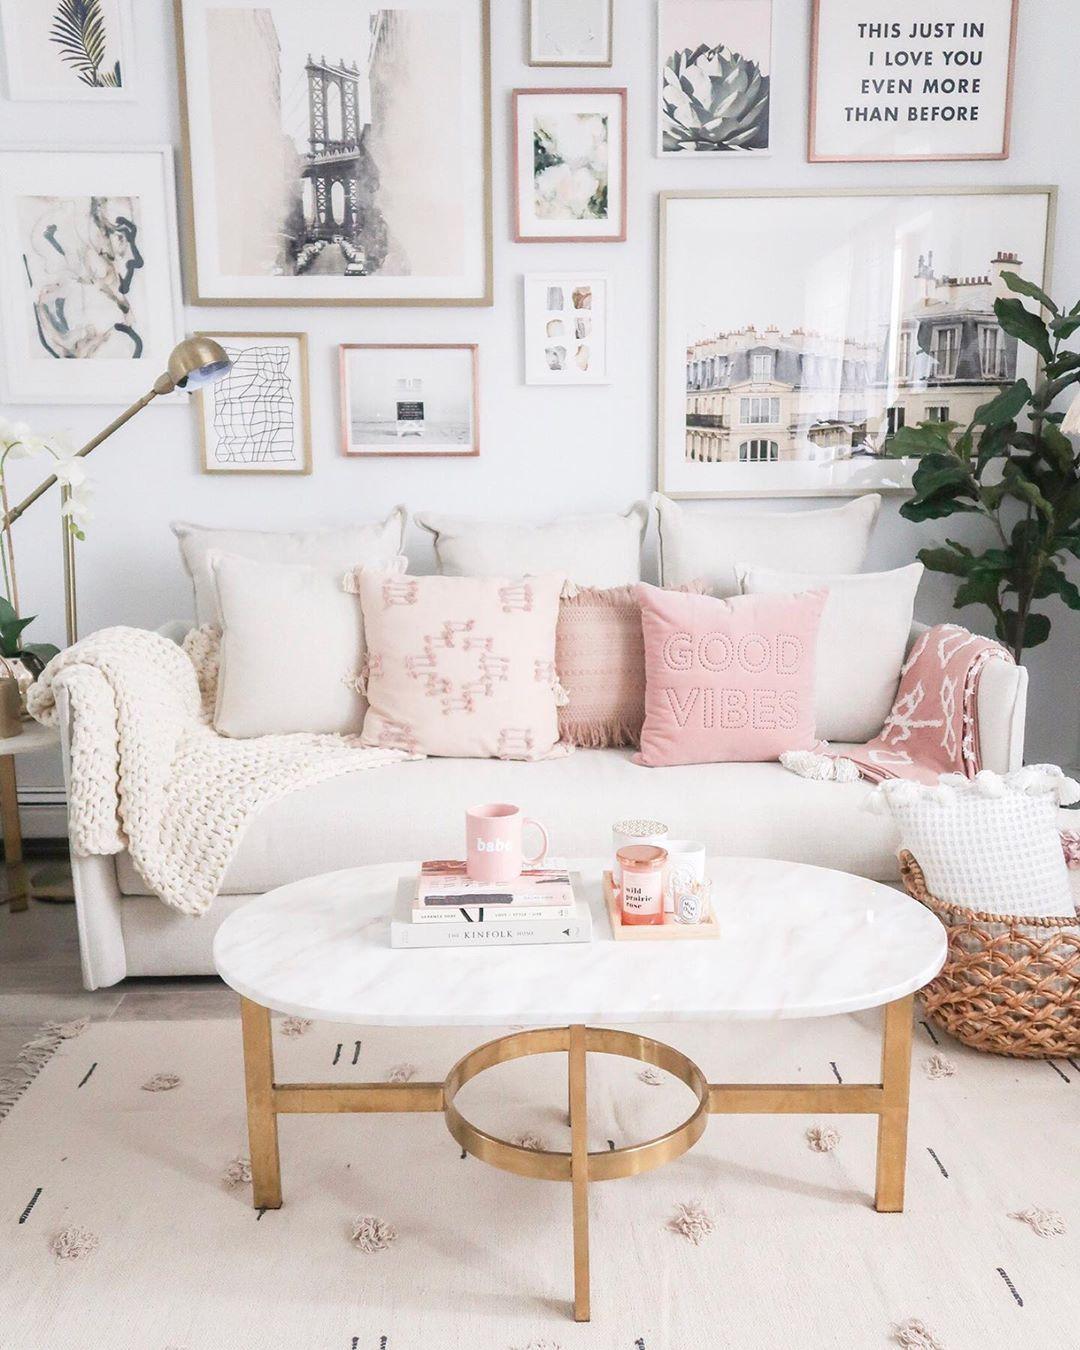 Glam Wohnzimmer mit rosa Kissen auf einer beige Couch via @teresalaucar